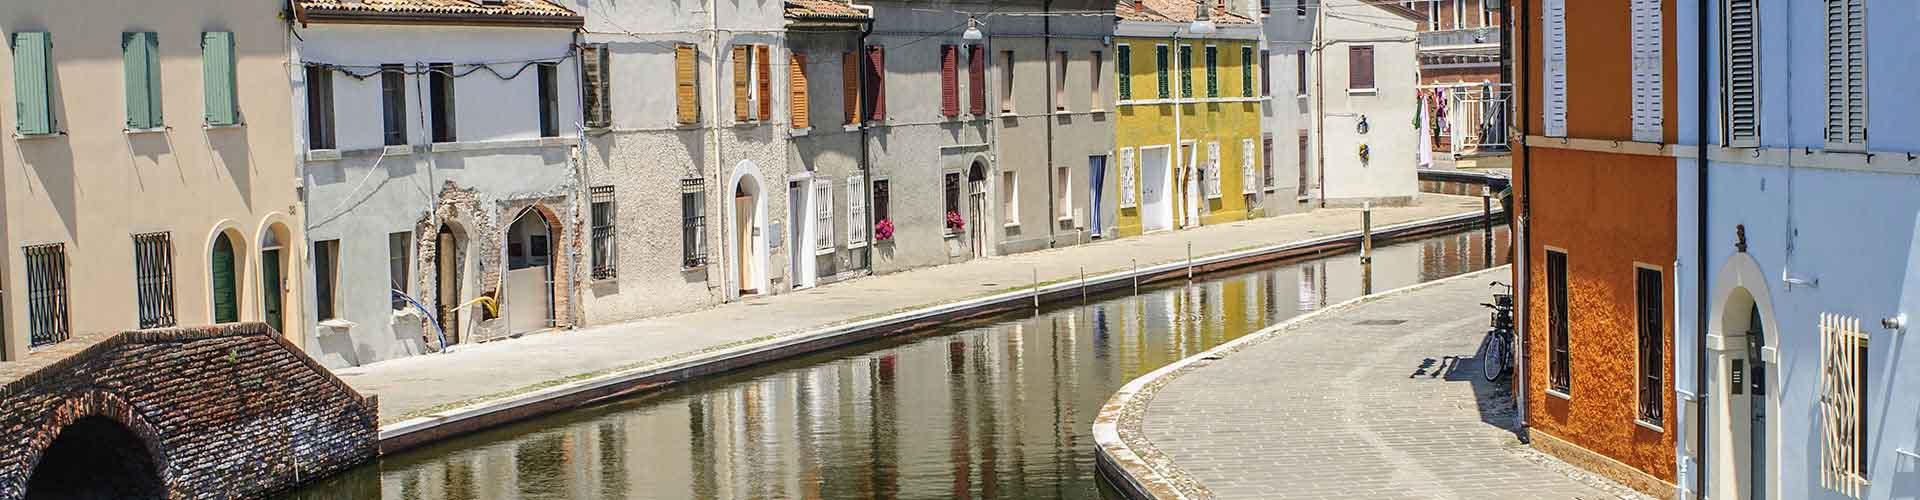 Ferrara - Appartments à Ferrara. Cartes pour Ferrara, photos et commentaires pour chaque appartement à Ferrara.